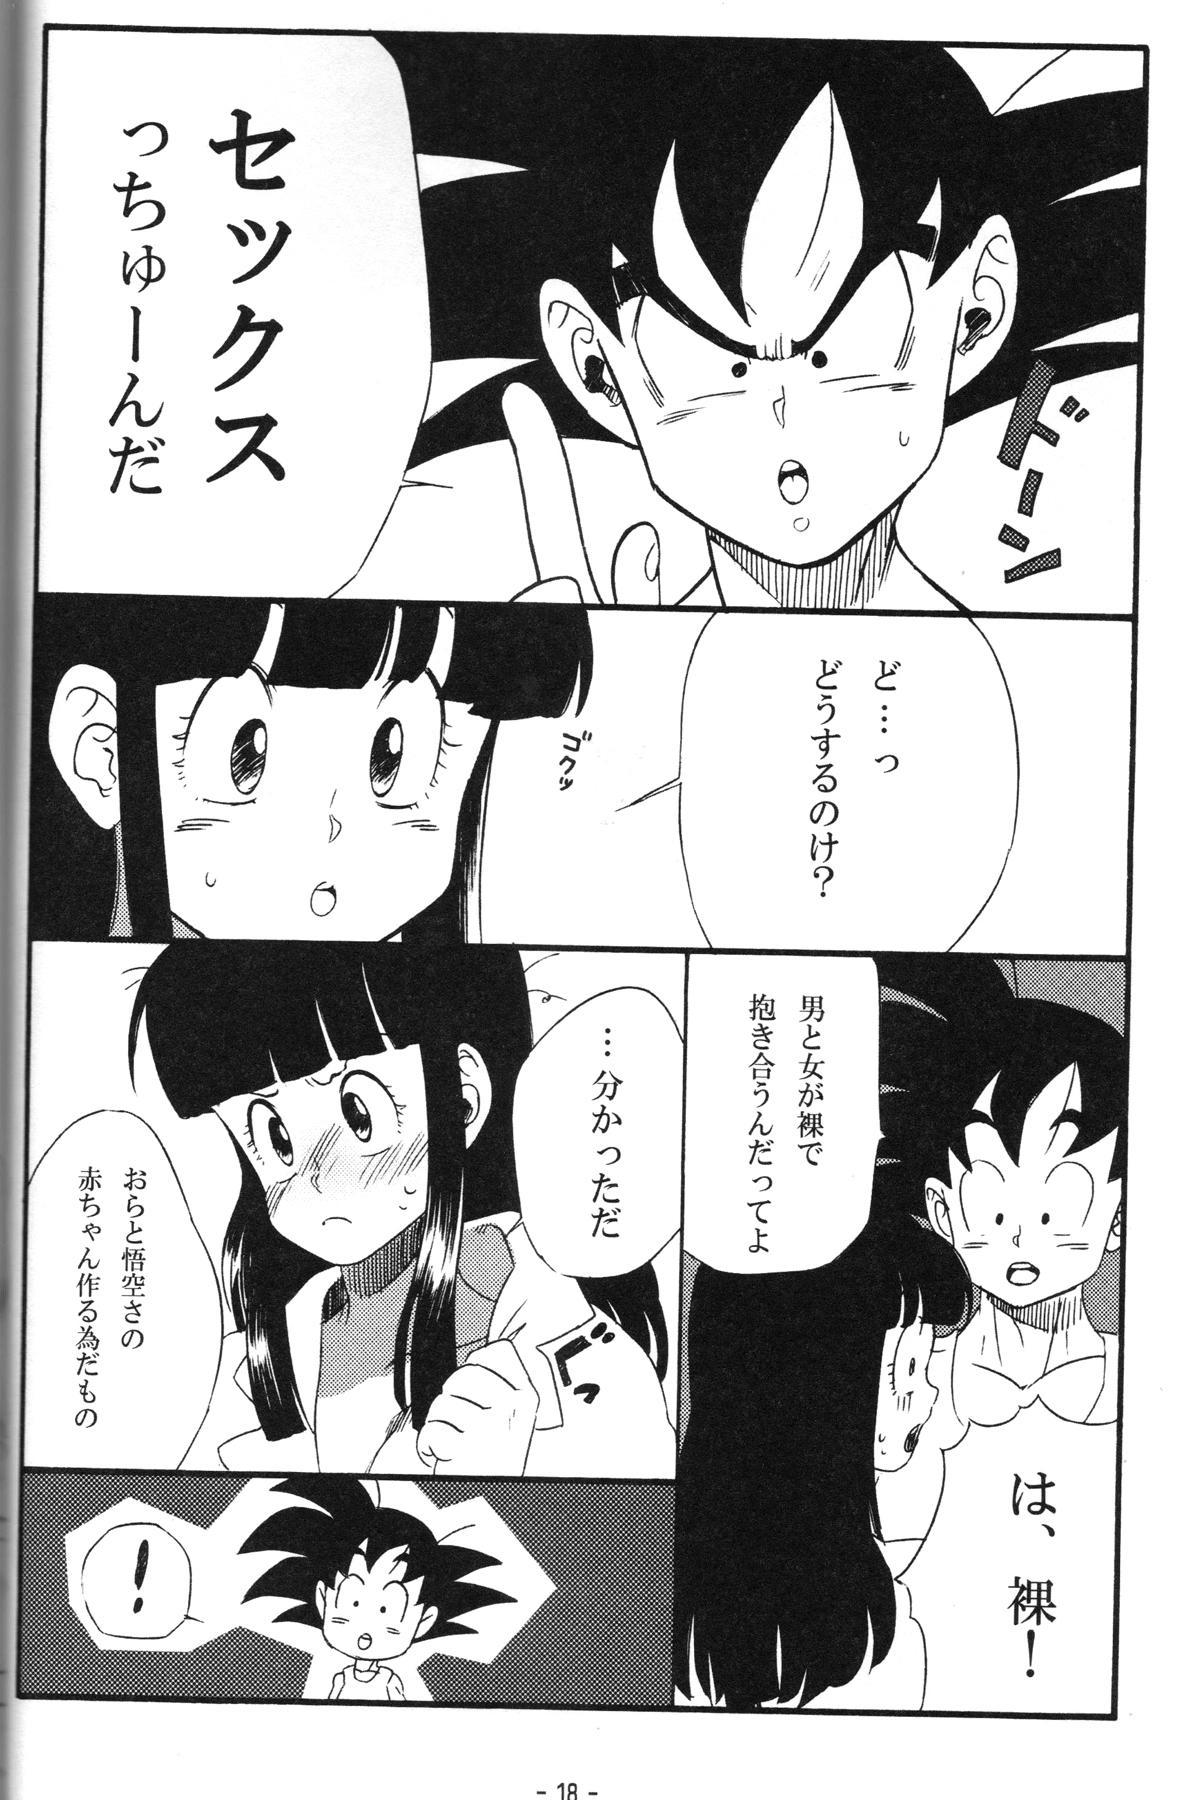 Shinmai Teishu to Koinyobo Z 16